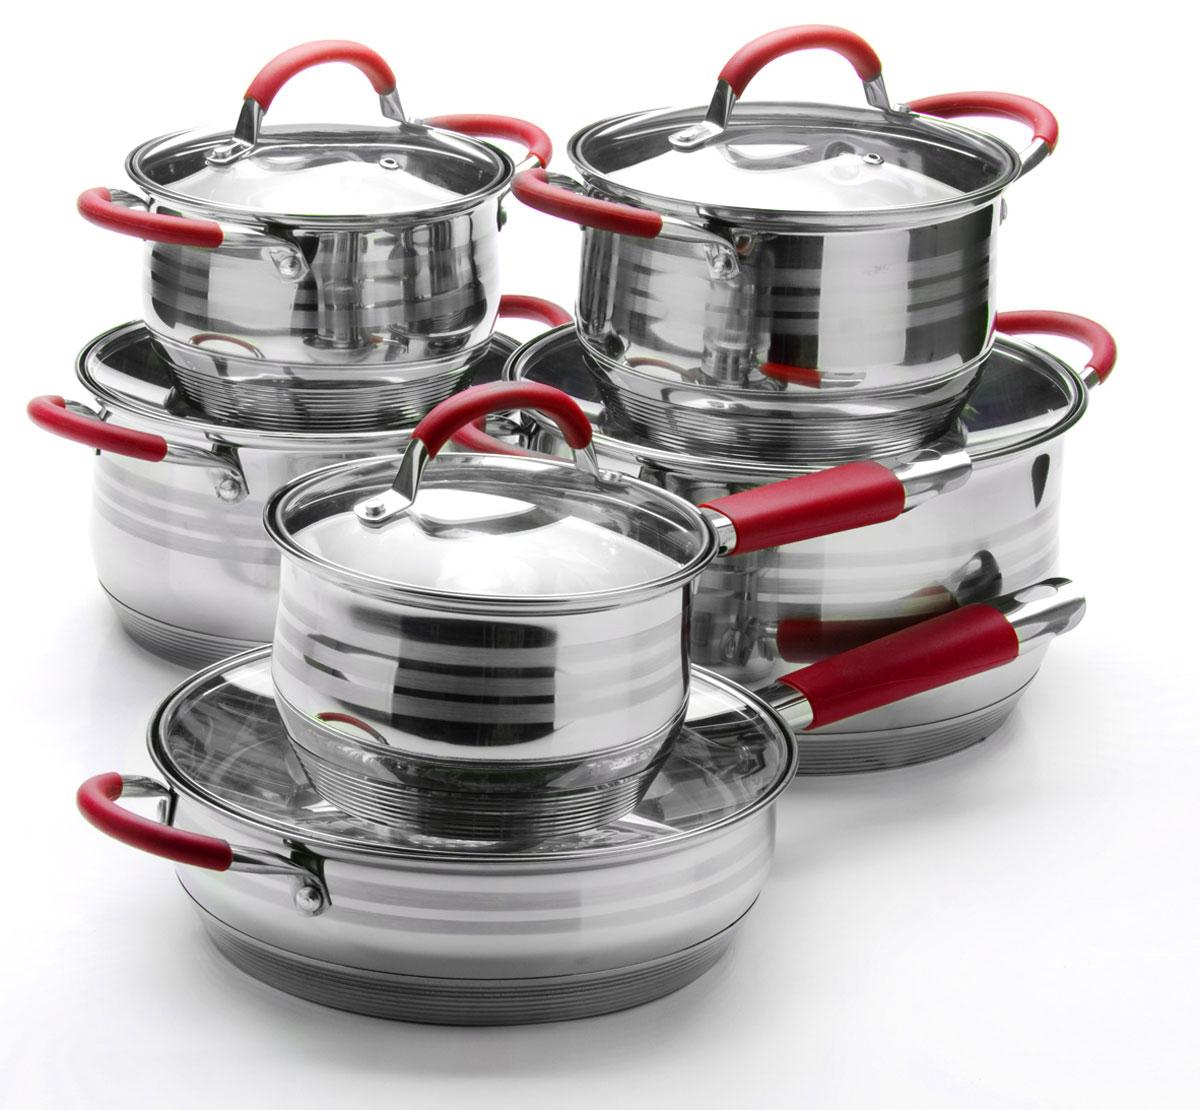 Набор посуды Mayer & Boch, 12 предметов. 26037260372,1+2,1+2,9+3,9+6,6+3,4